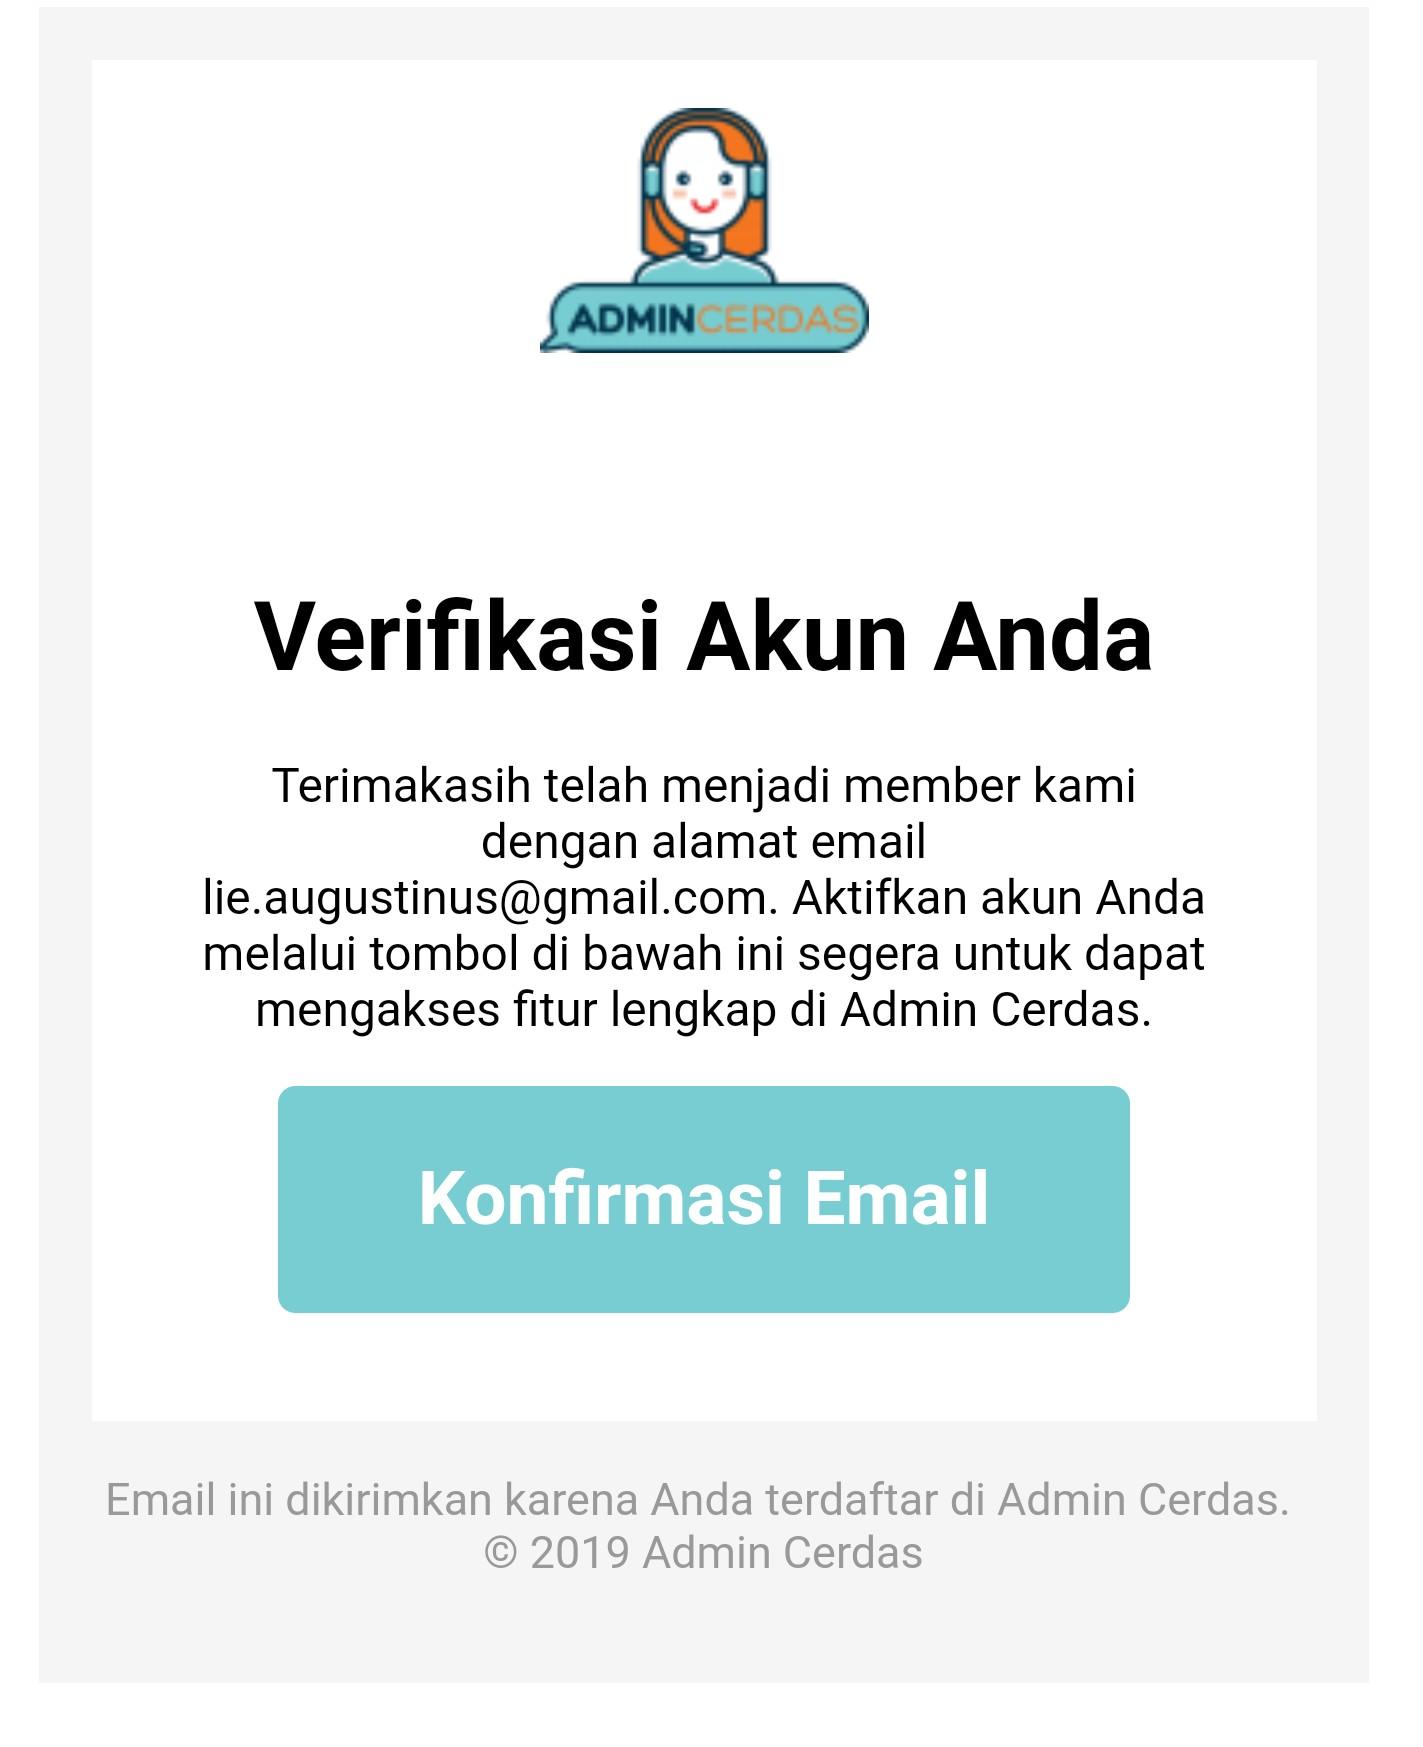 konfirmasi email2